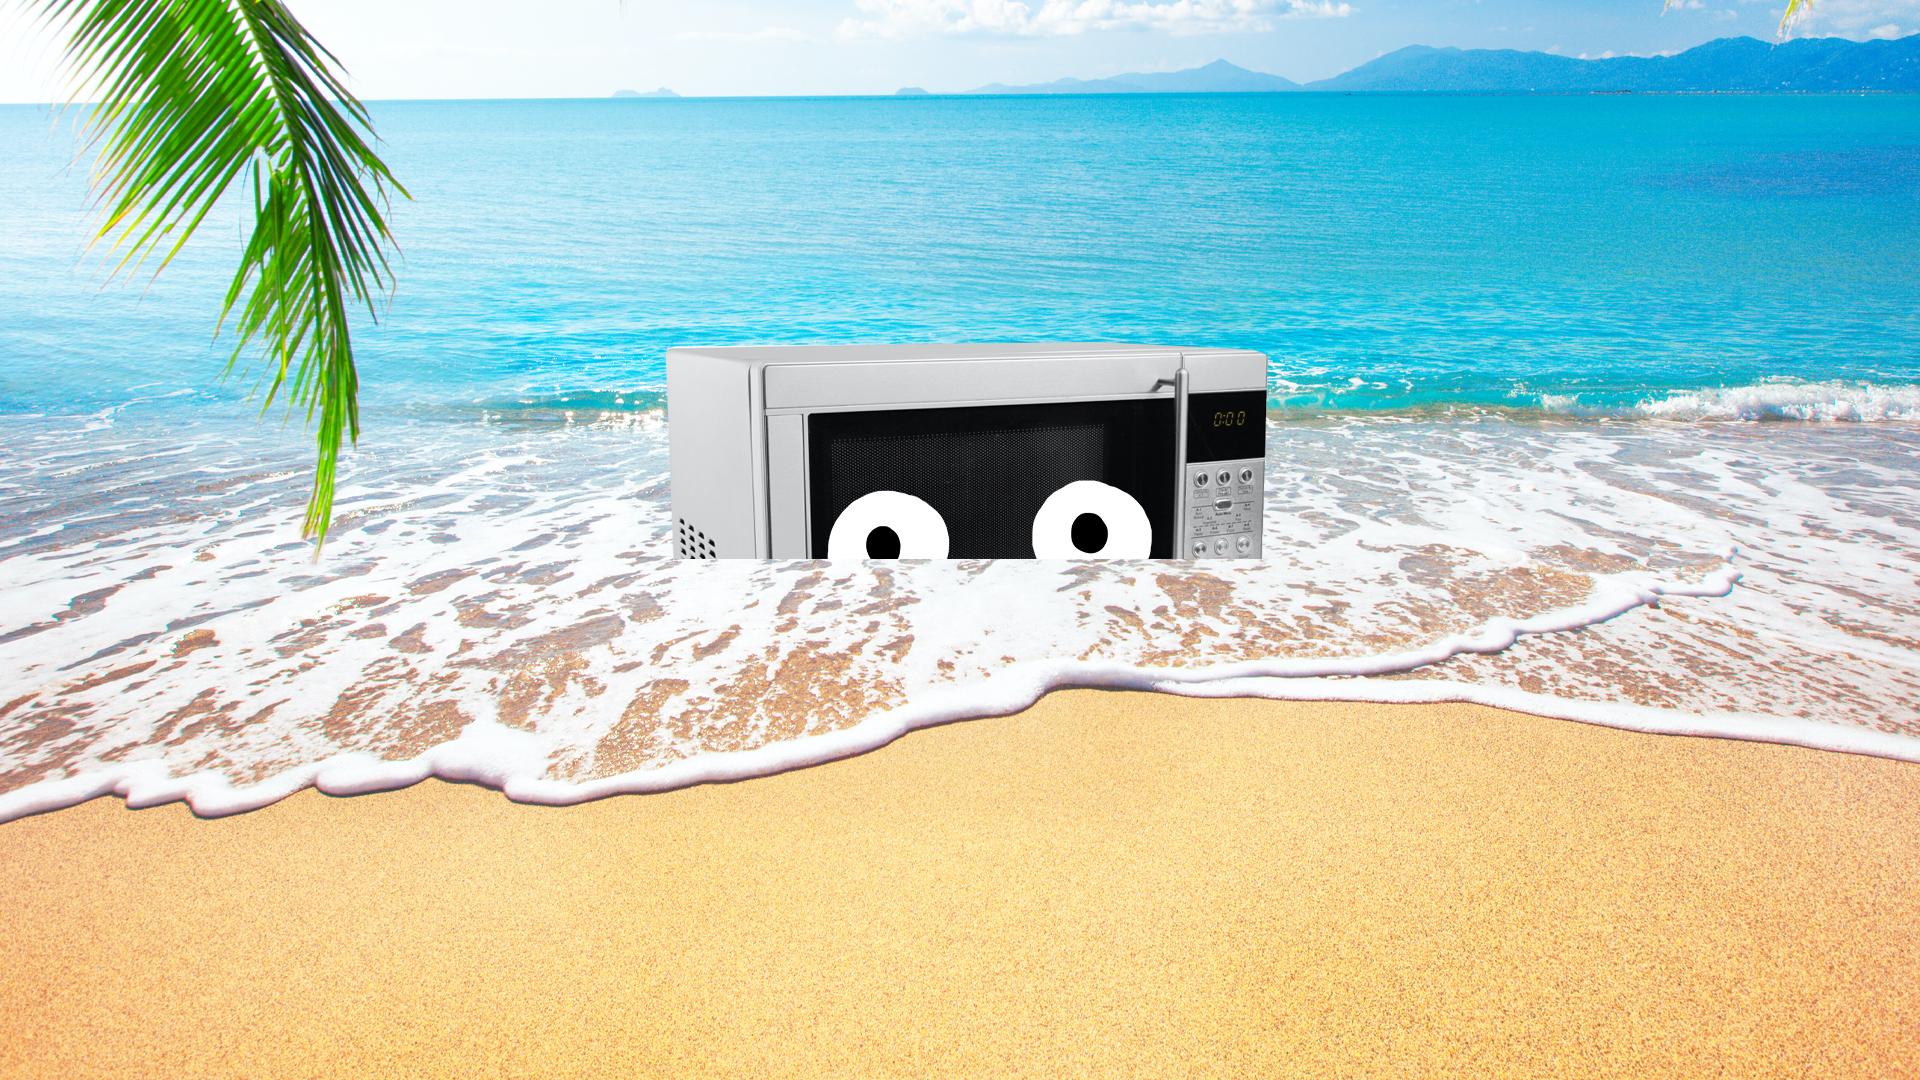 A microwave on a beach